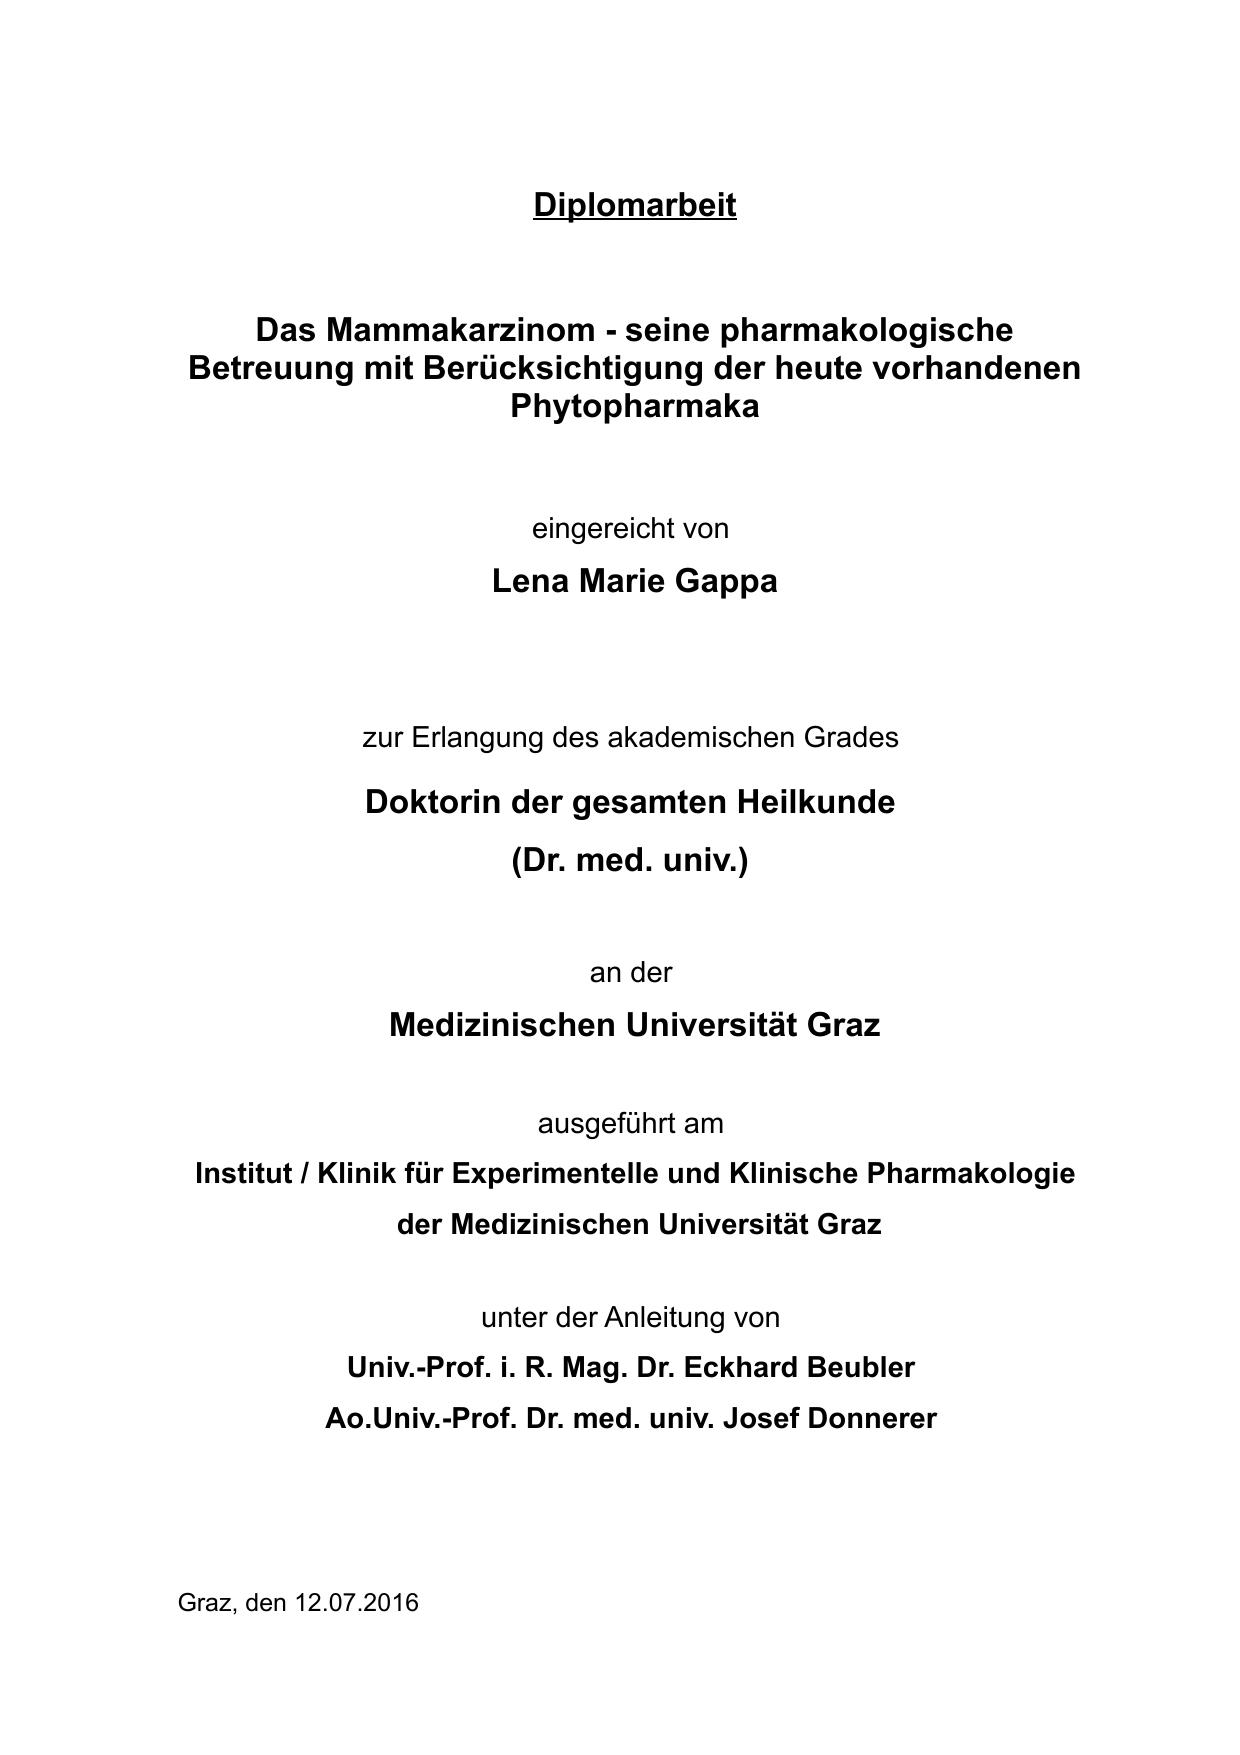 Schön Joblistenvorlage Fotos - Entry Level Resume Vorlagen Sammlung ...